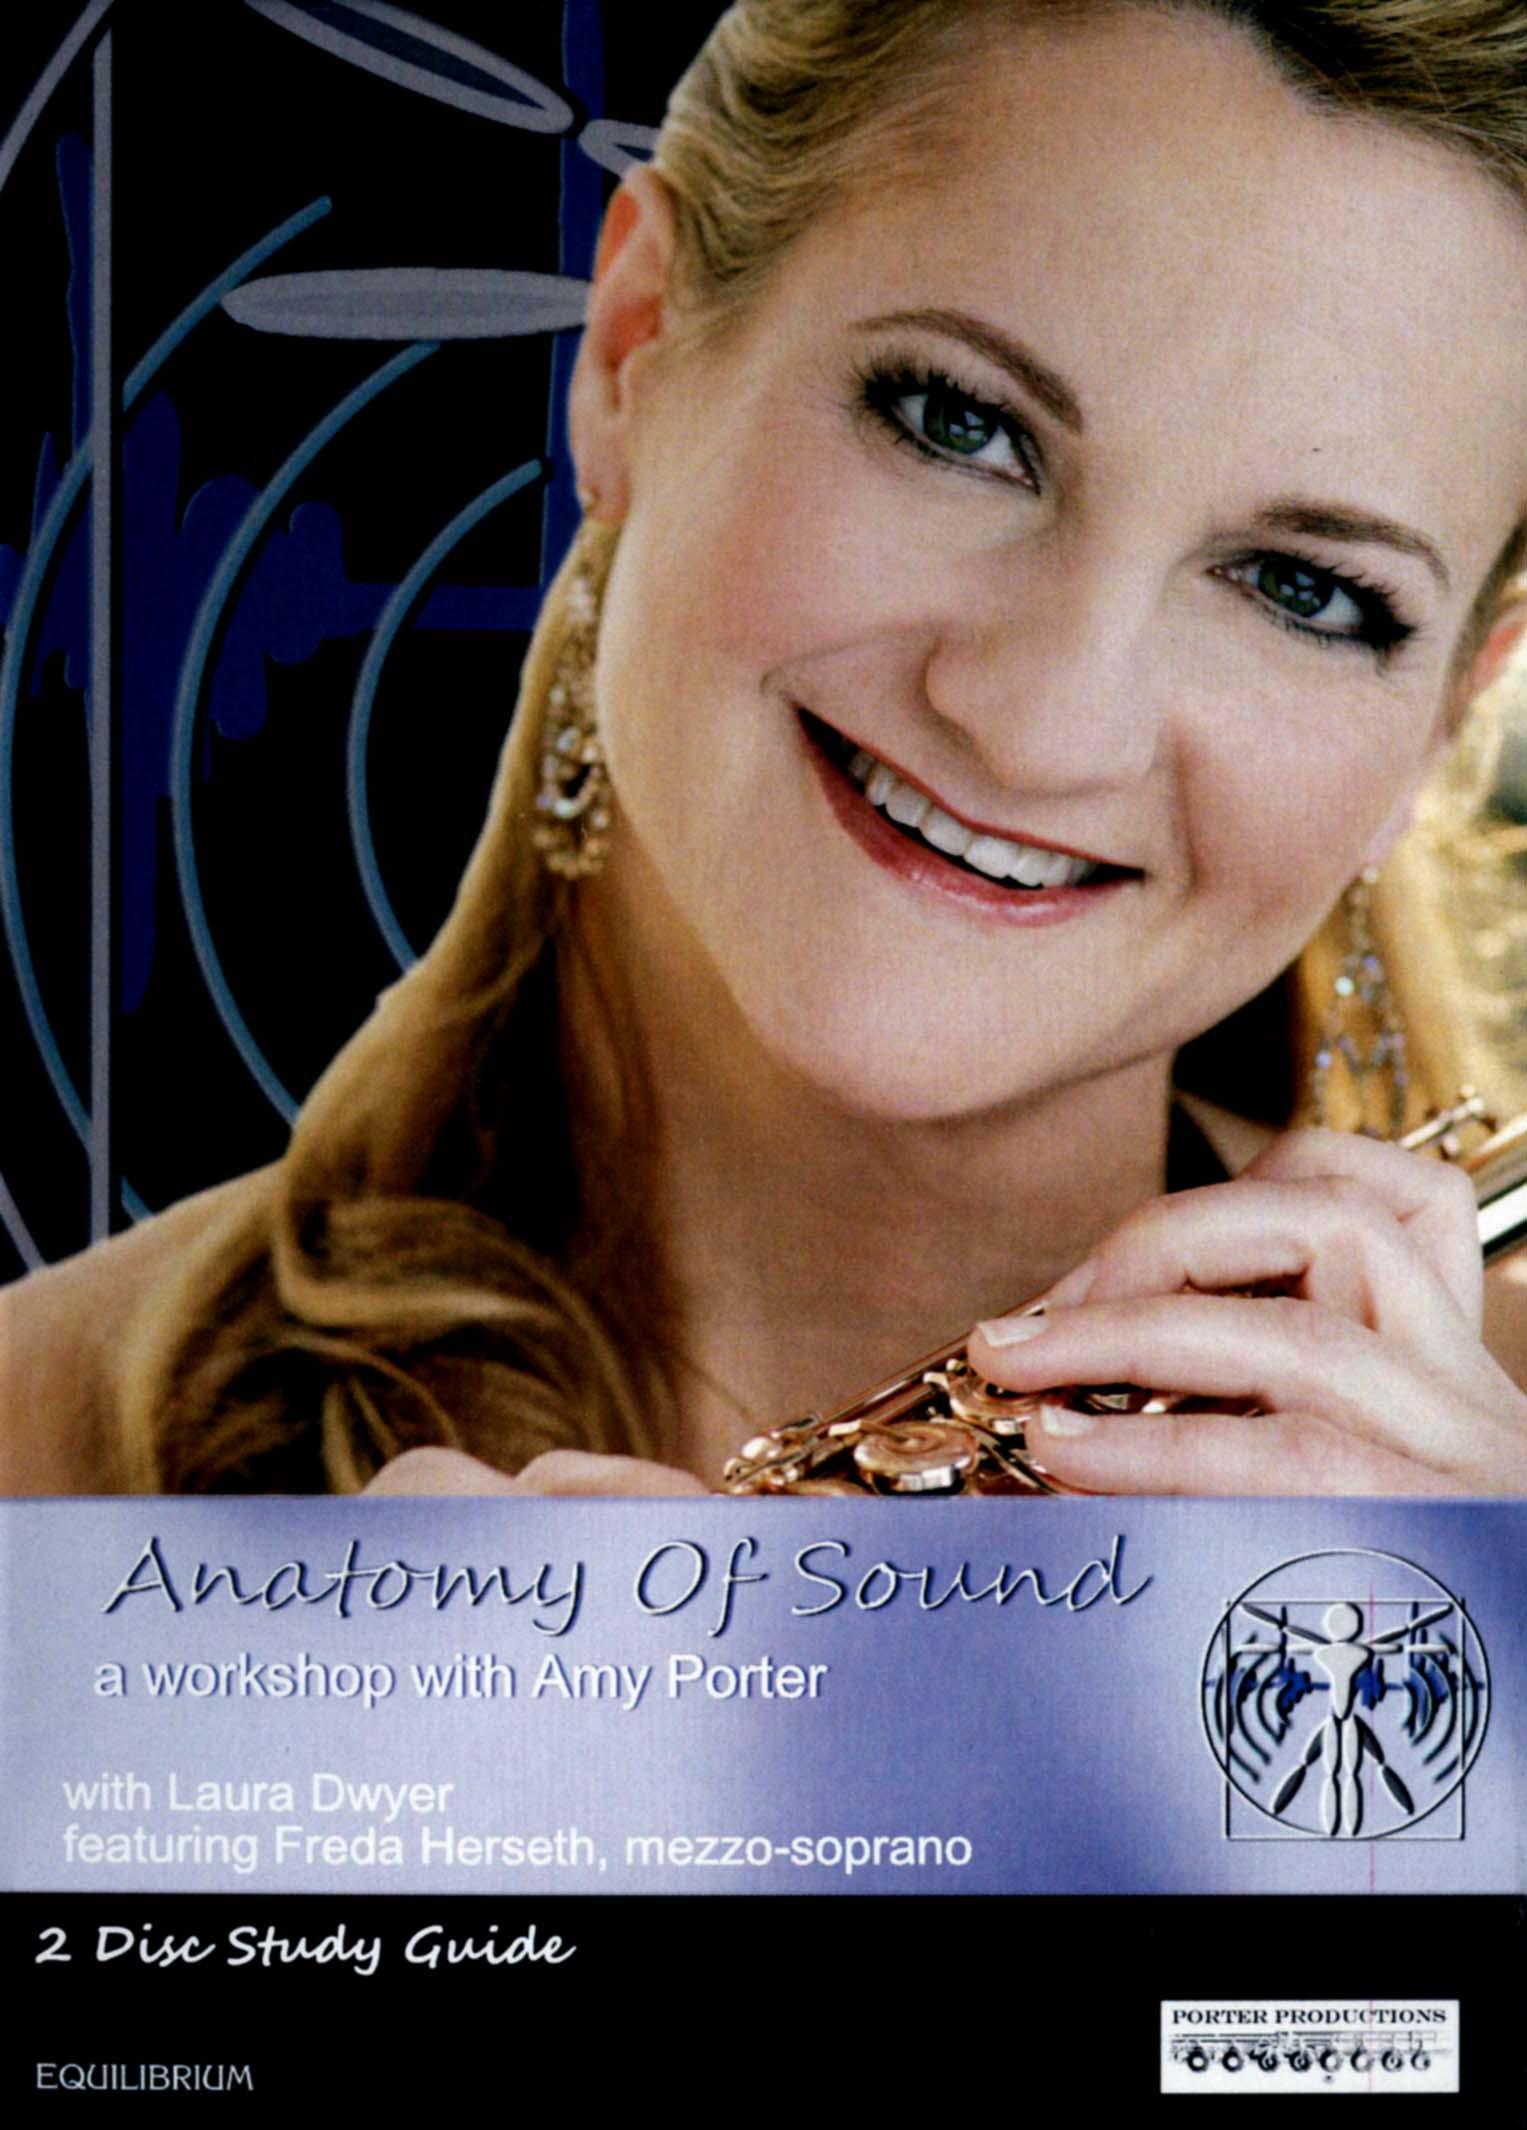 Amy Porter: Anatomy of Sound